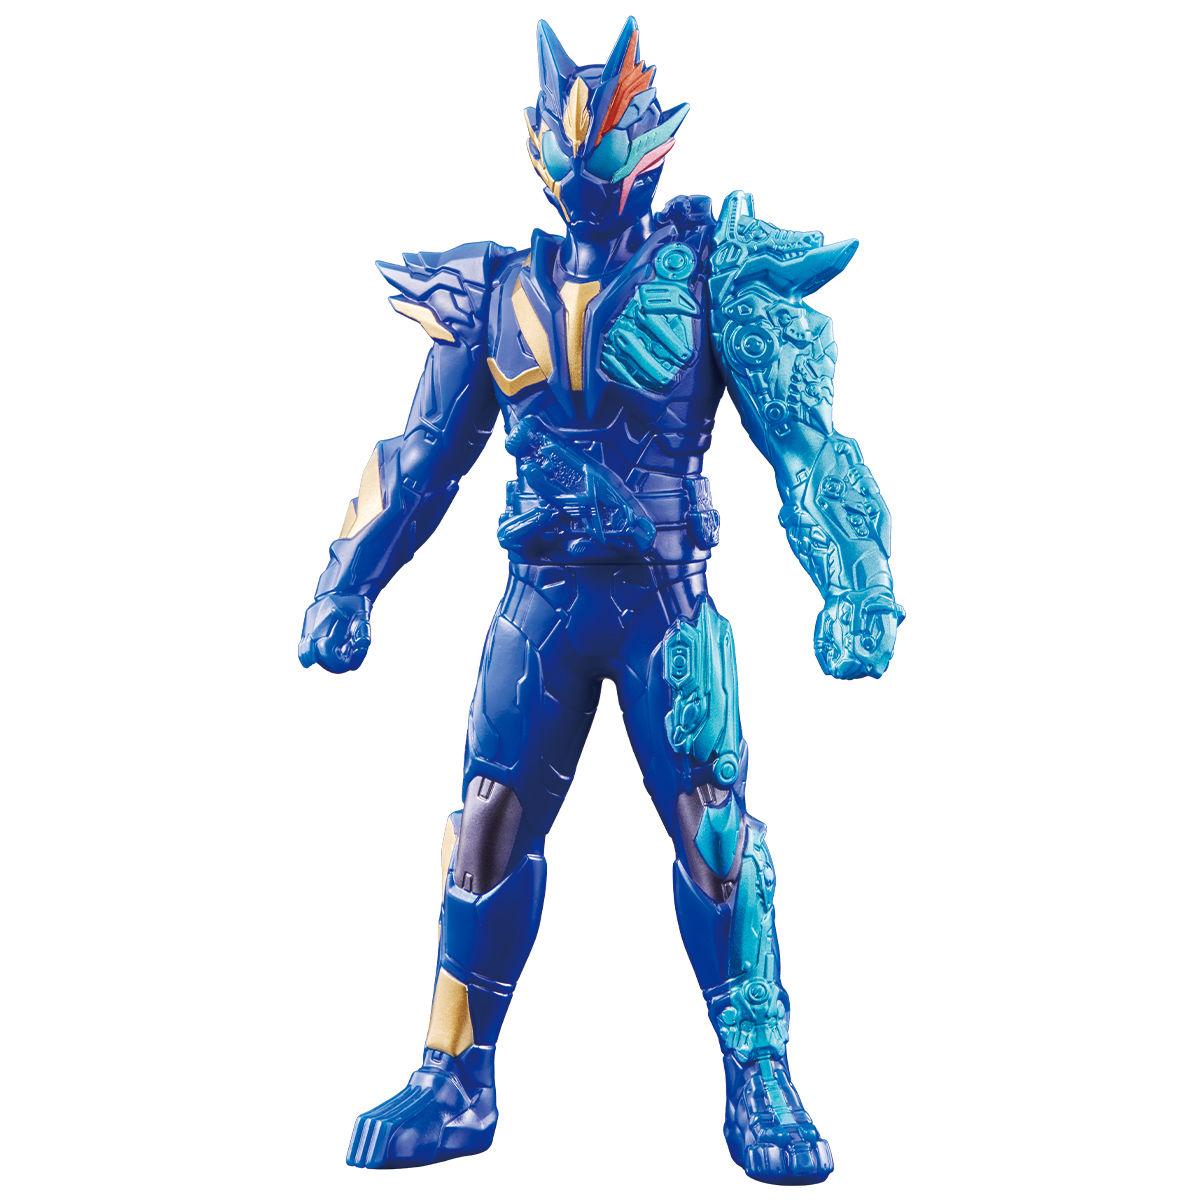 ライダーヒーローシリーズ11 仮面ライダーランペイジバルカン